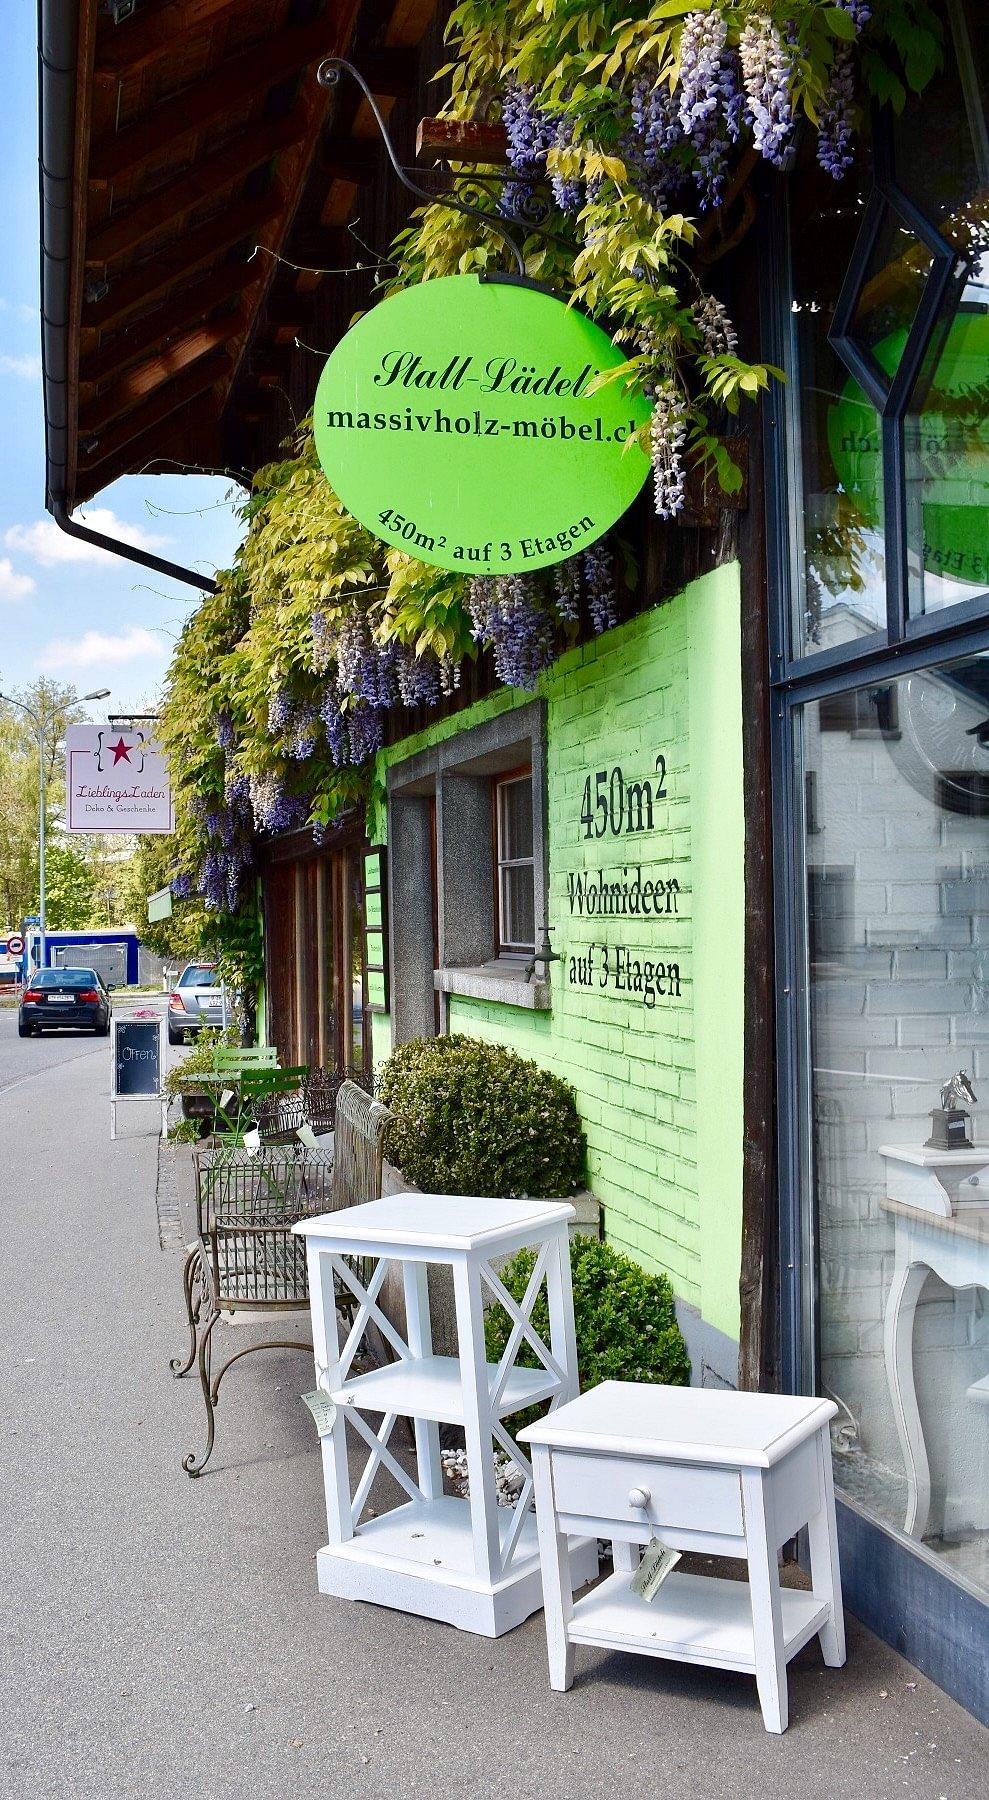 Stall Lädeli Ag In Dübendorf Adresse öffnungszeiten Auf Localch